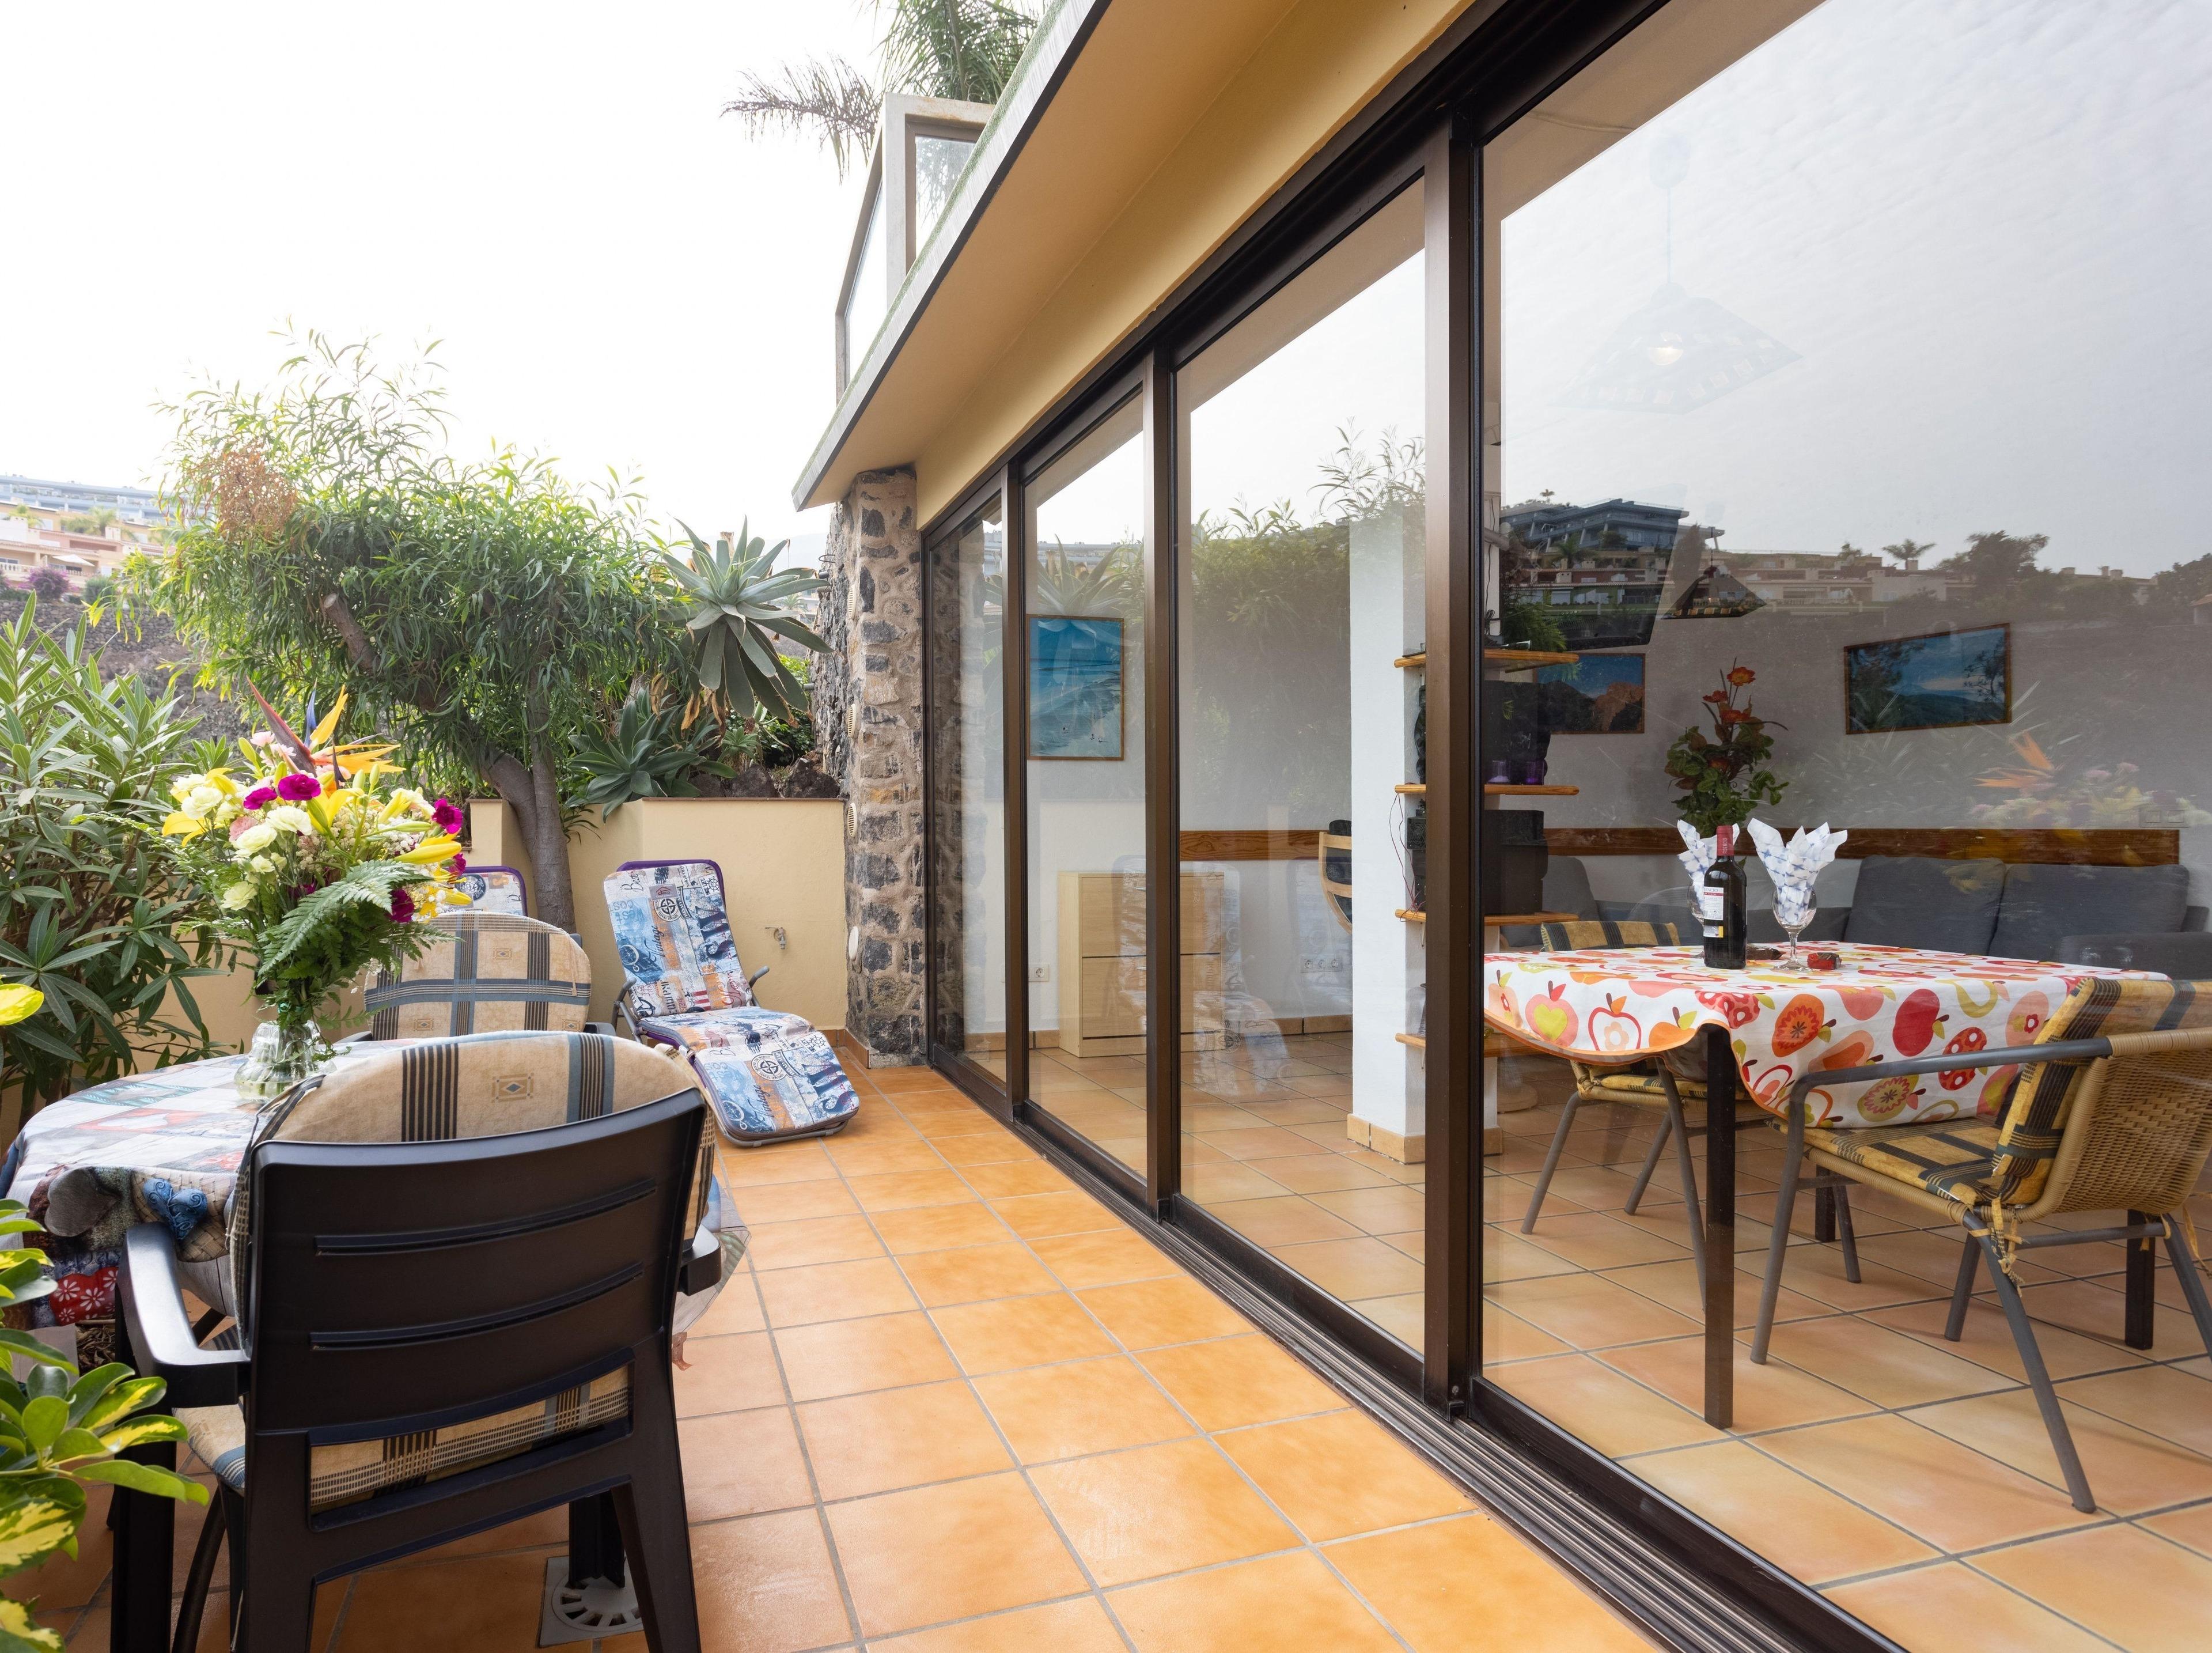 Appartement de vacances Fewo Rocamar, auf dem Felsen über dem Meer mit toller Sicht, 2 Terrassen, Pool, Grill und  (2492985), Santa Ursula, Ténérife, Iles Canaries, Espagne, image 15